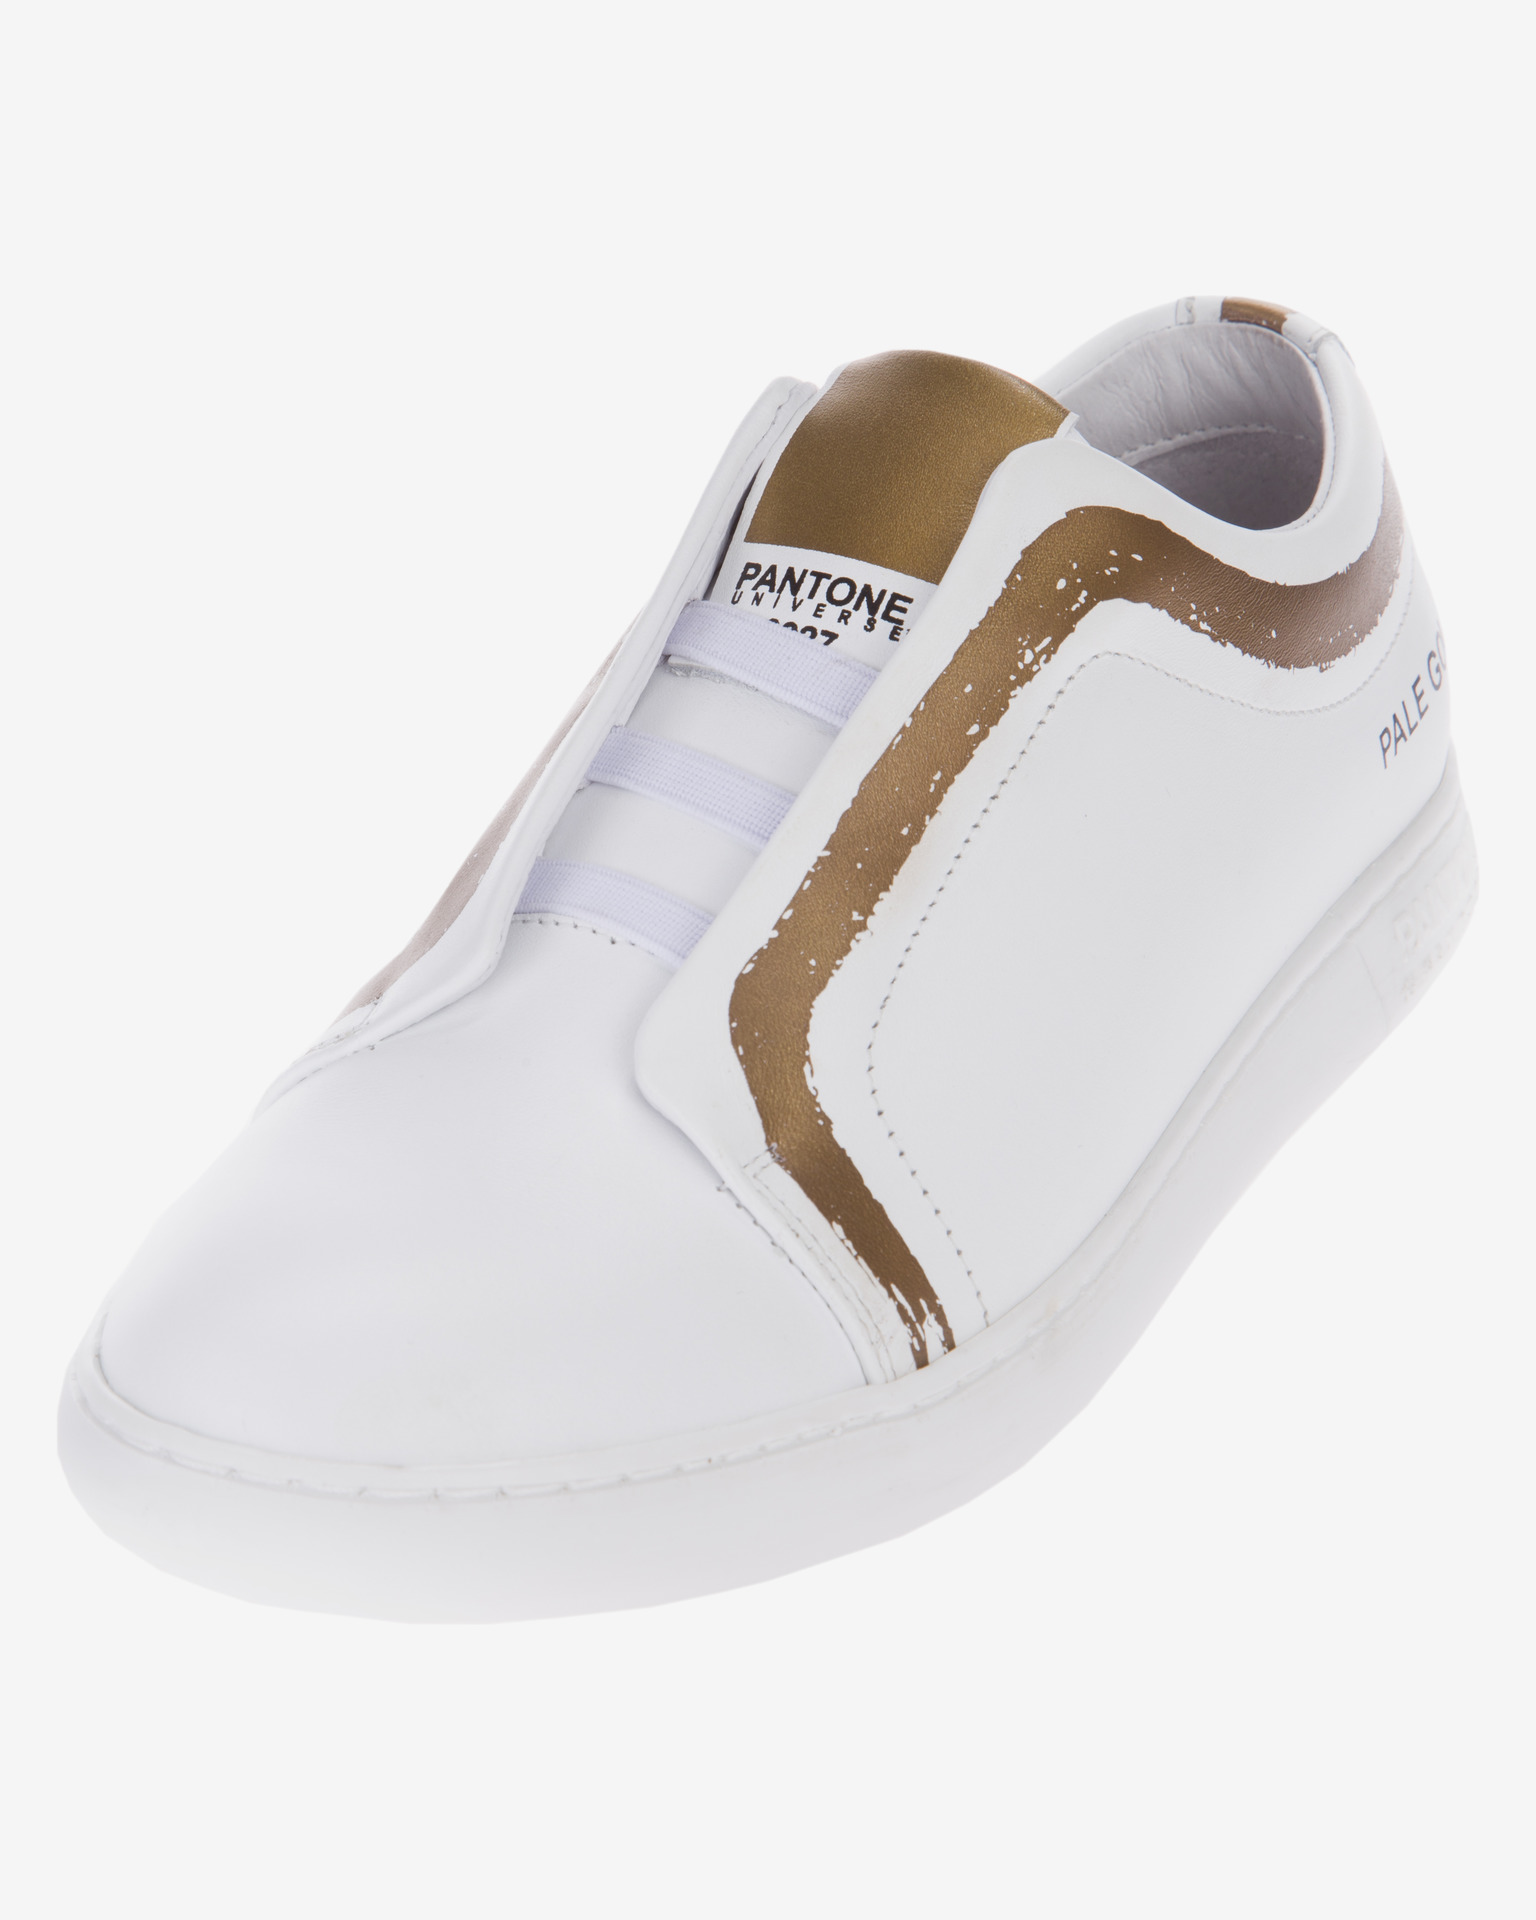 Univers Pantone Chaussures Usa Cuir Ouvert Bas-tops Et Baskets 6REdqADJ1